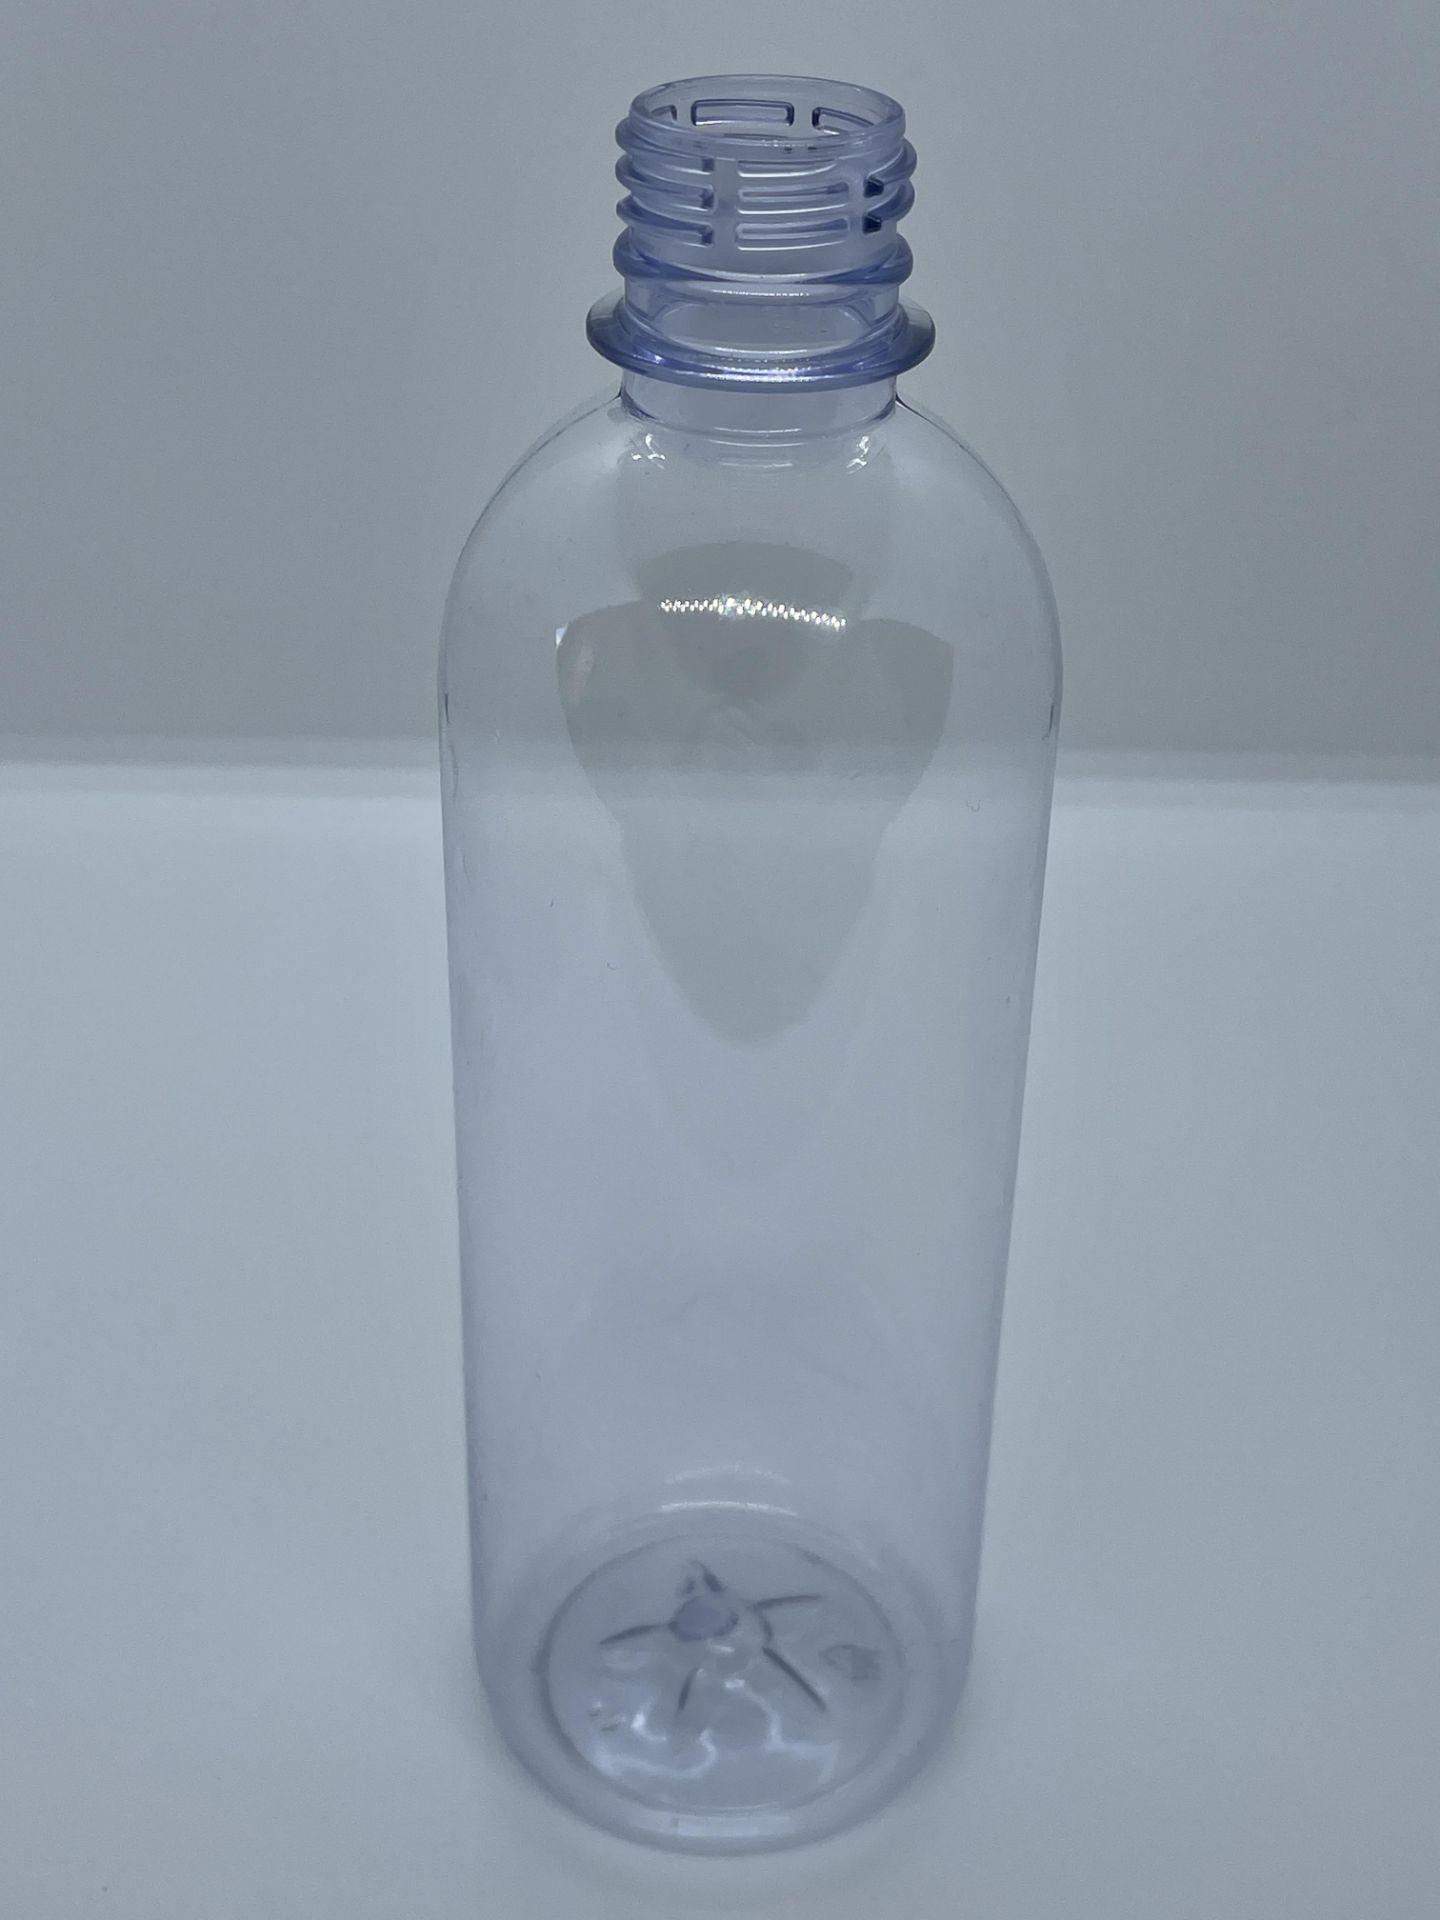 """30,000 - 16 oz Empty Bullet Plastic Bottles, Neck Threading 28-410, 8"""" Tall, 2.5"""" Diameter - Image 6 of 8"""